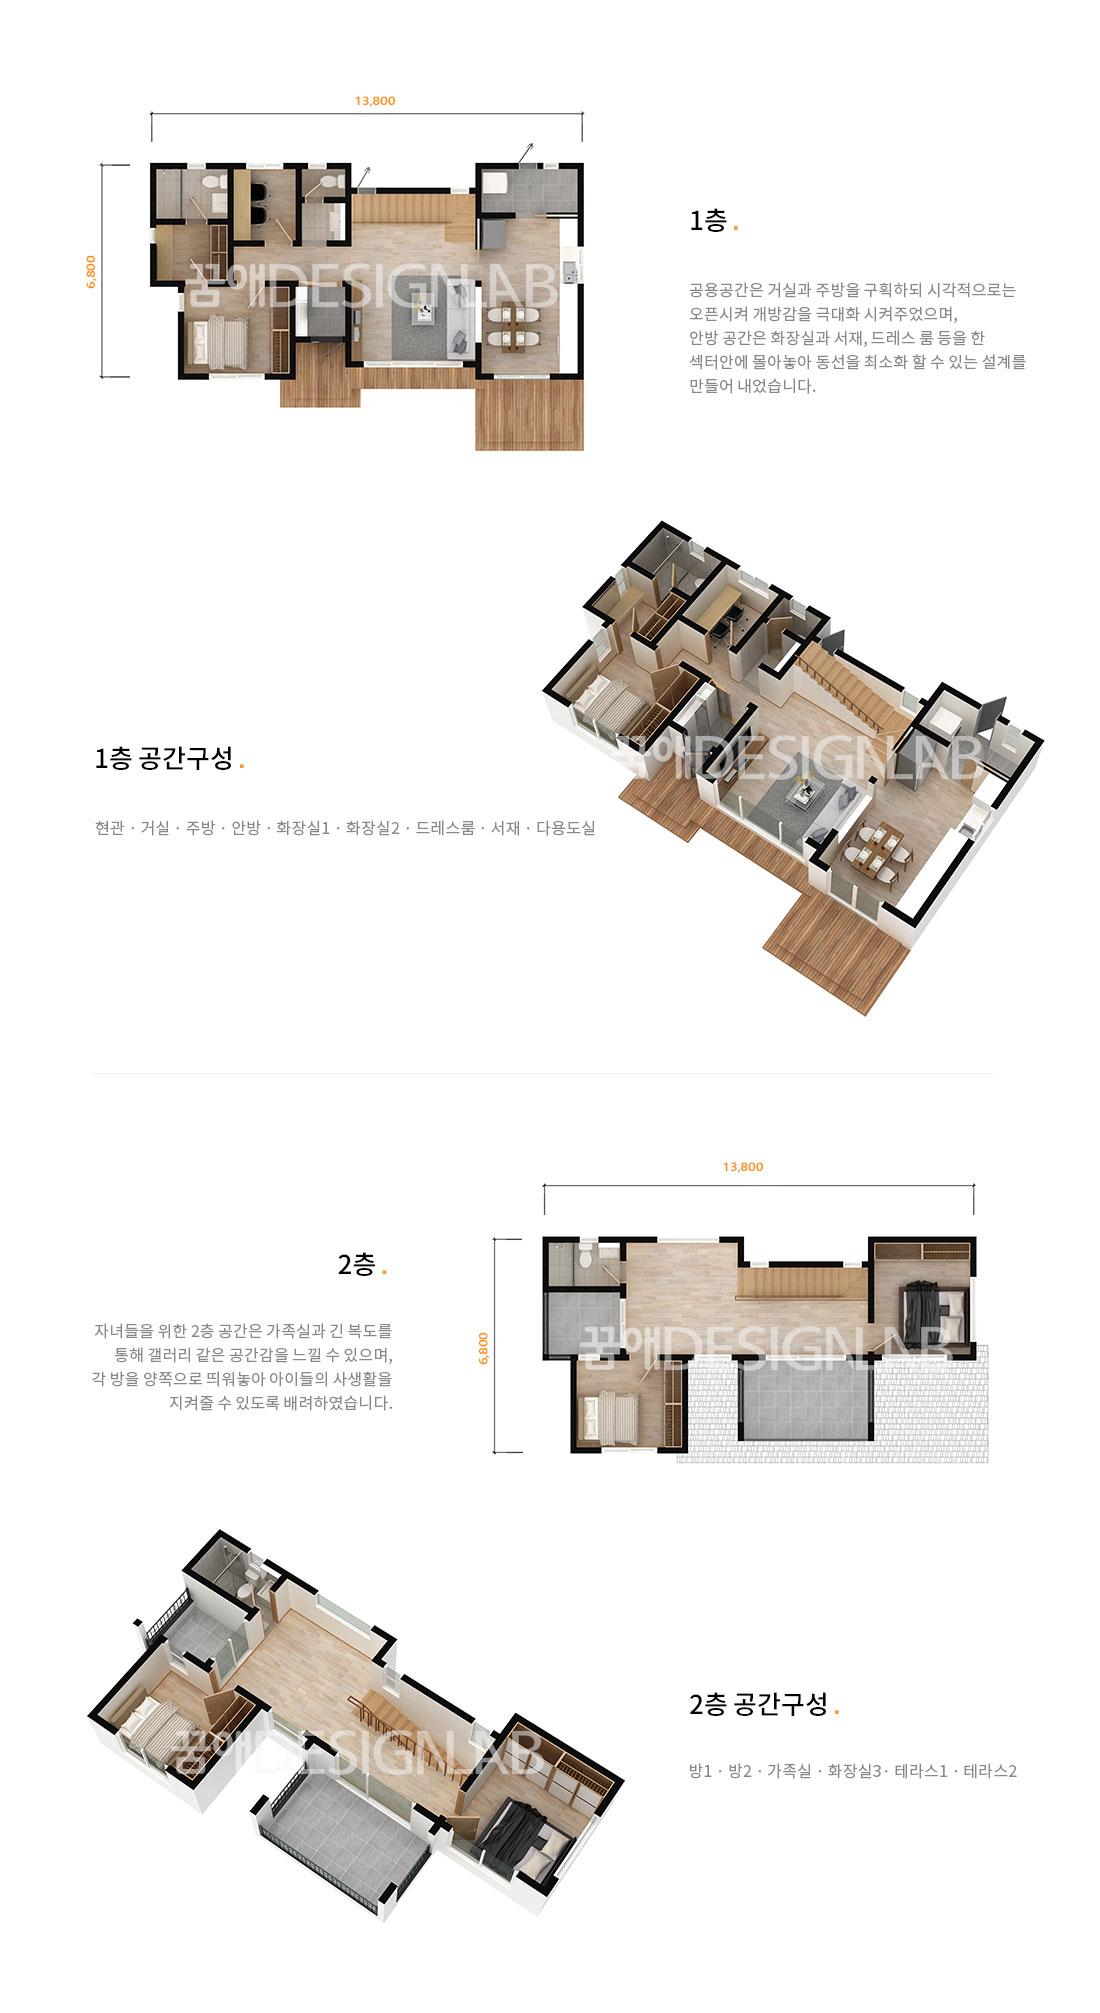 house007_170331_03.jpg